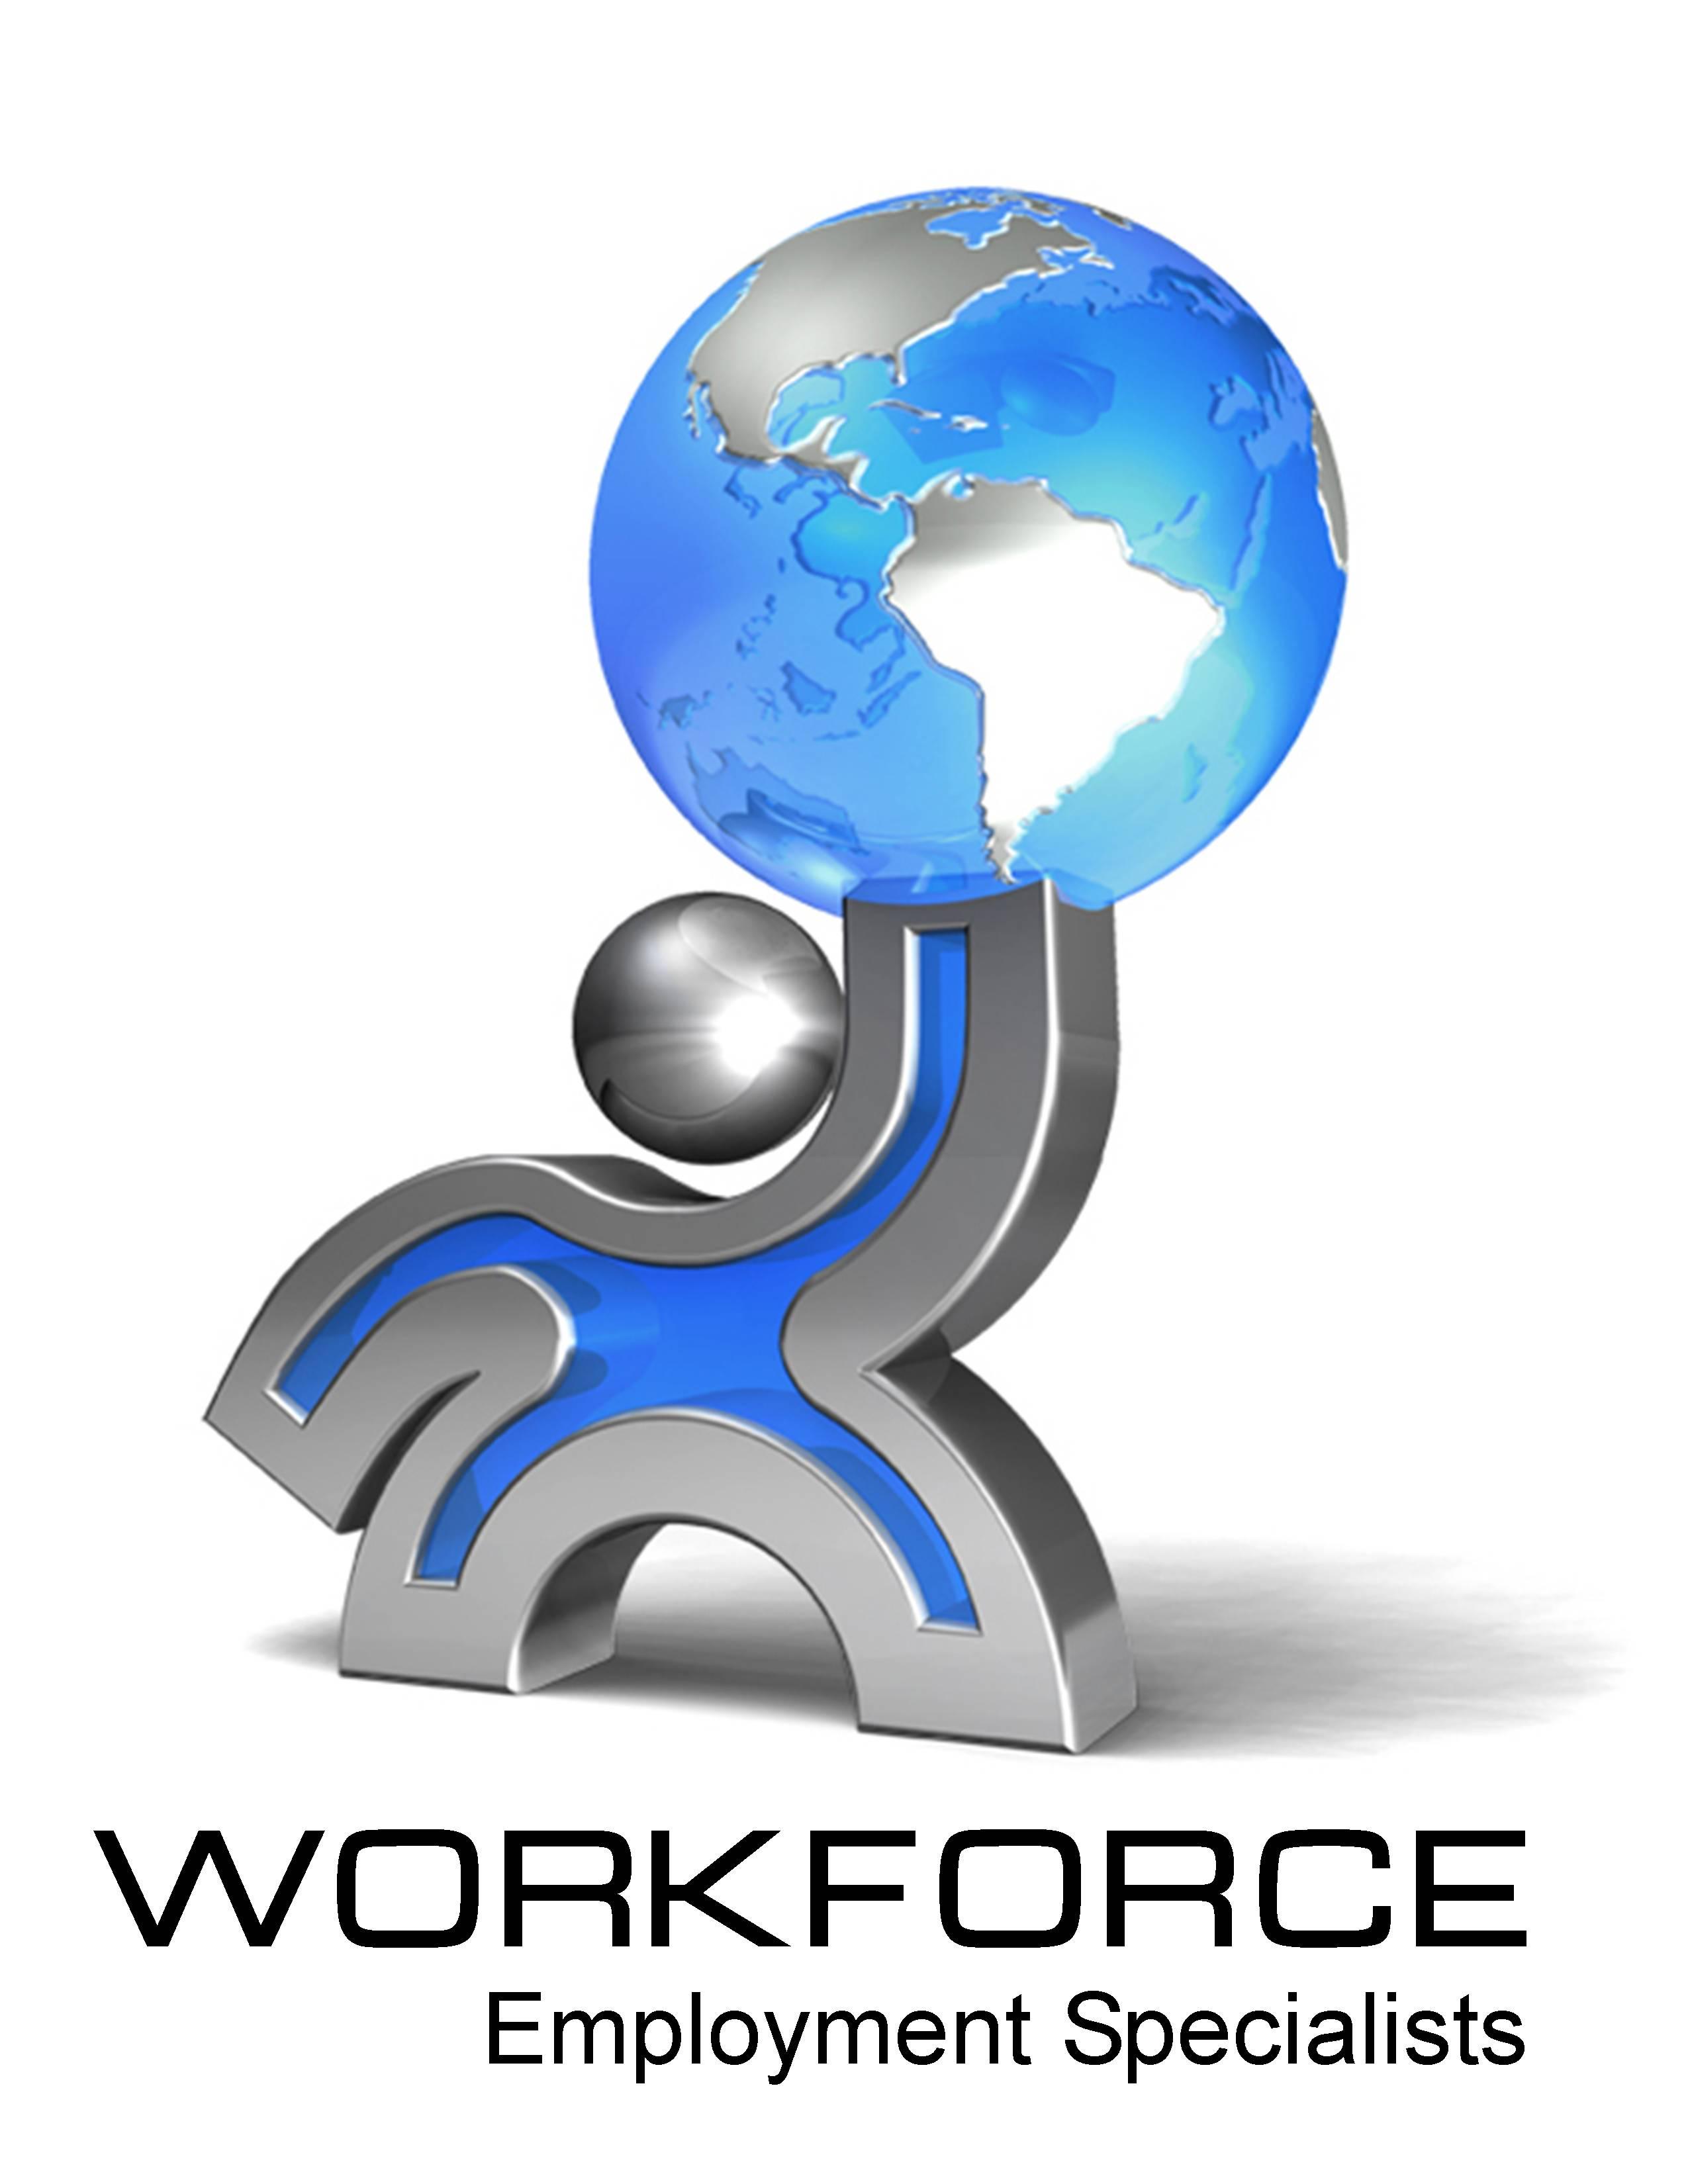 WORKFORCE Logo